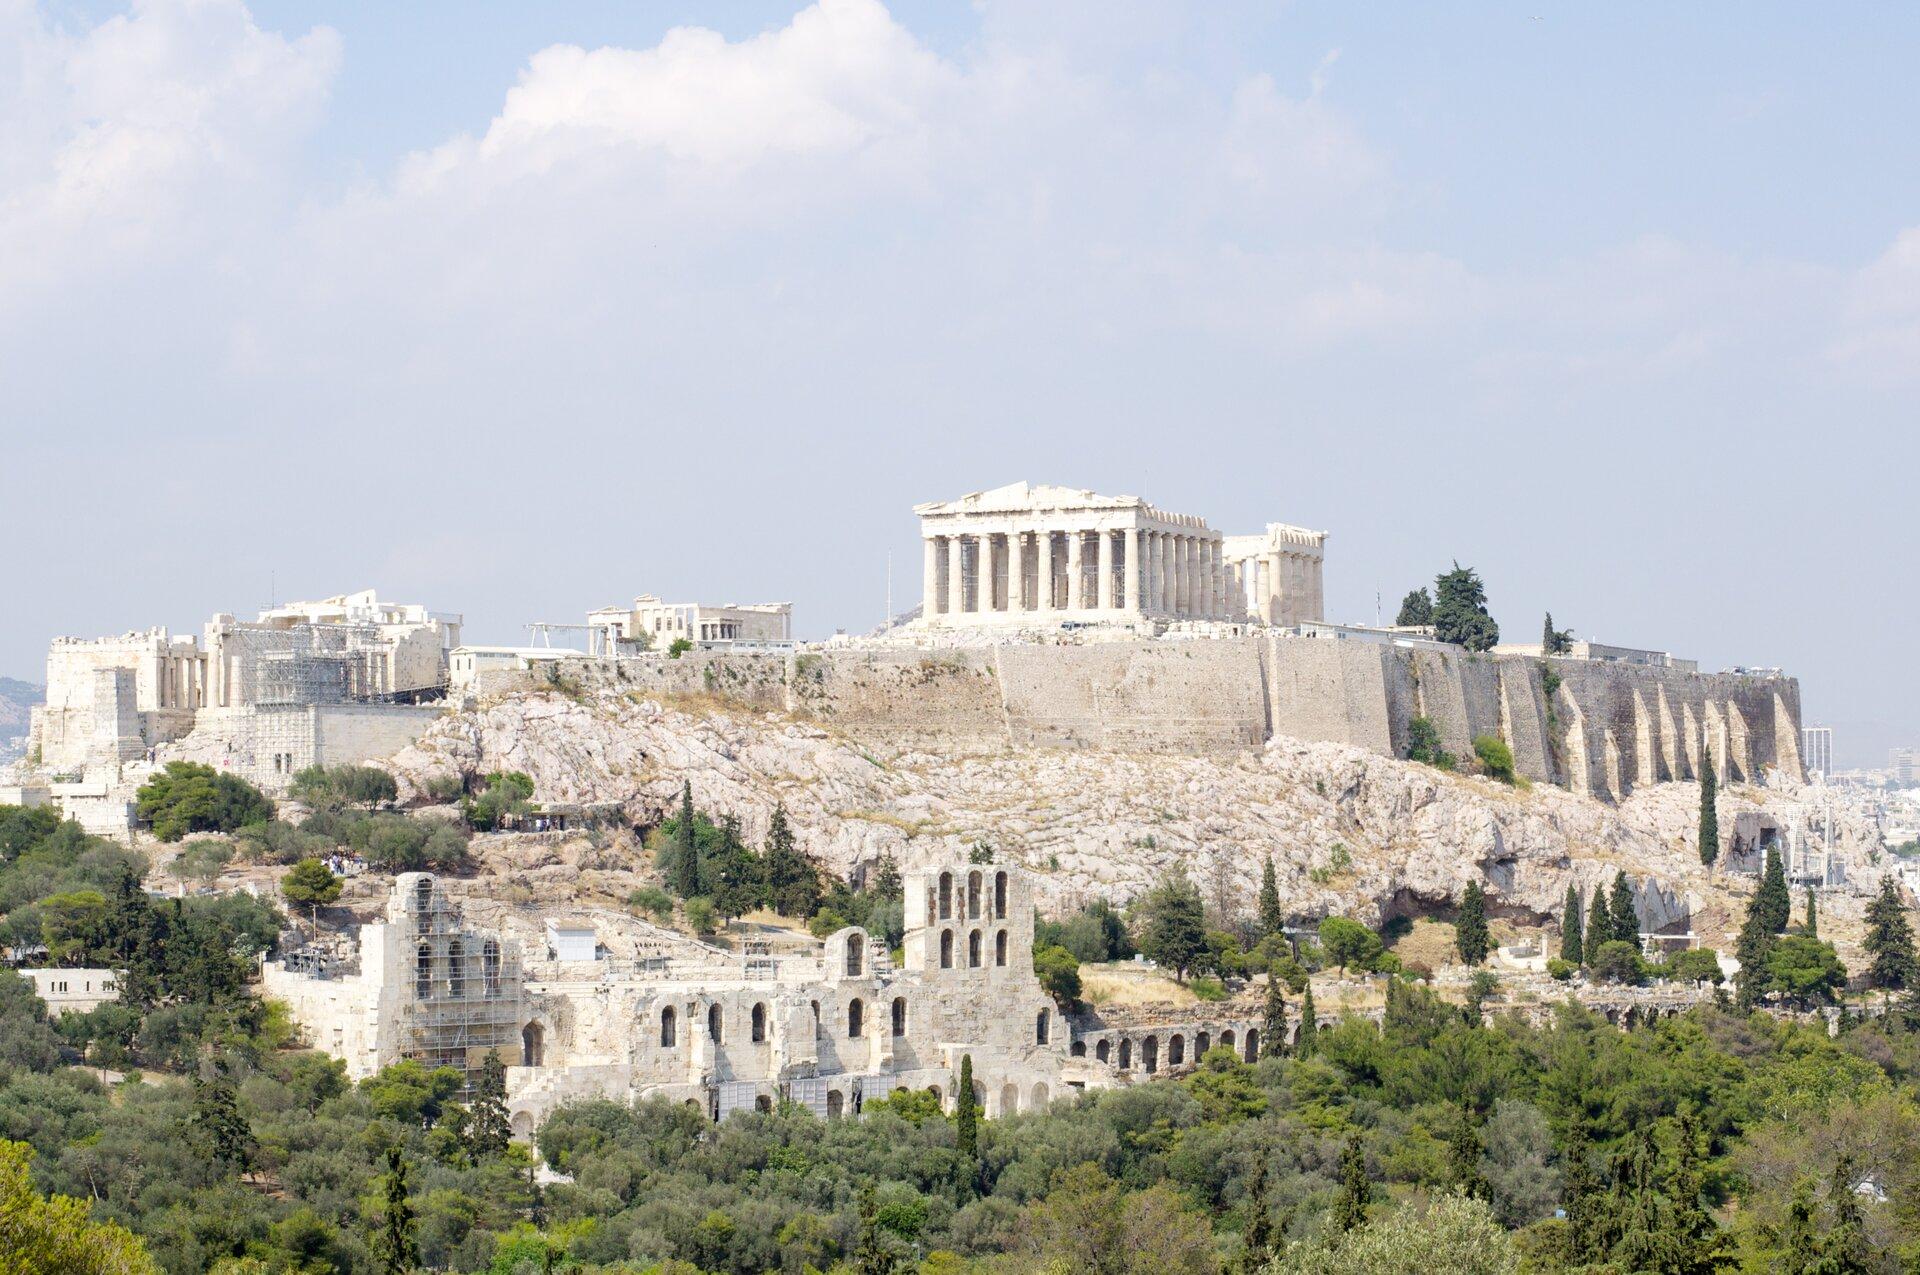 Fotografia czwarta prezentuje ruiny świątyń ipozostałości innych budowli na wzgórzu Akropolu.